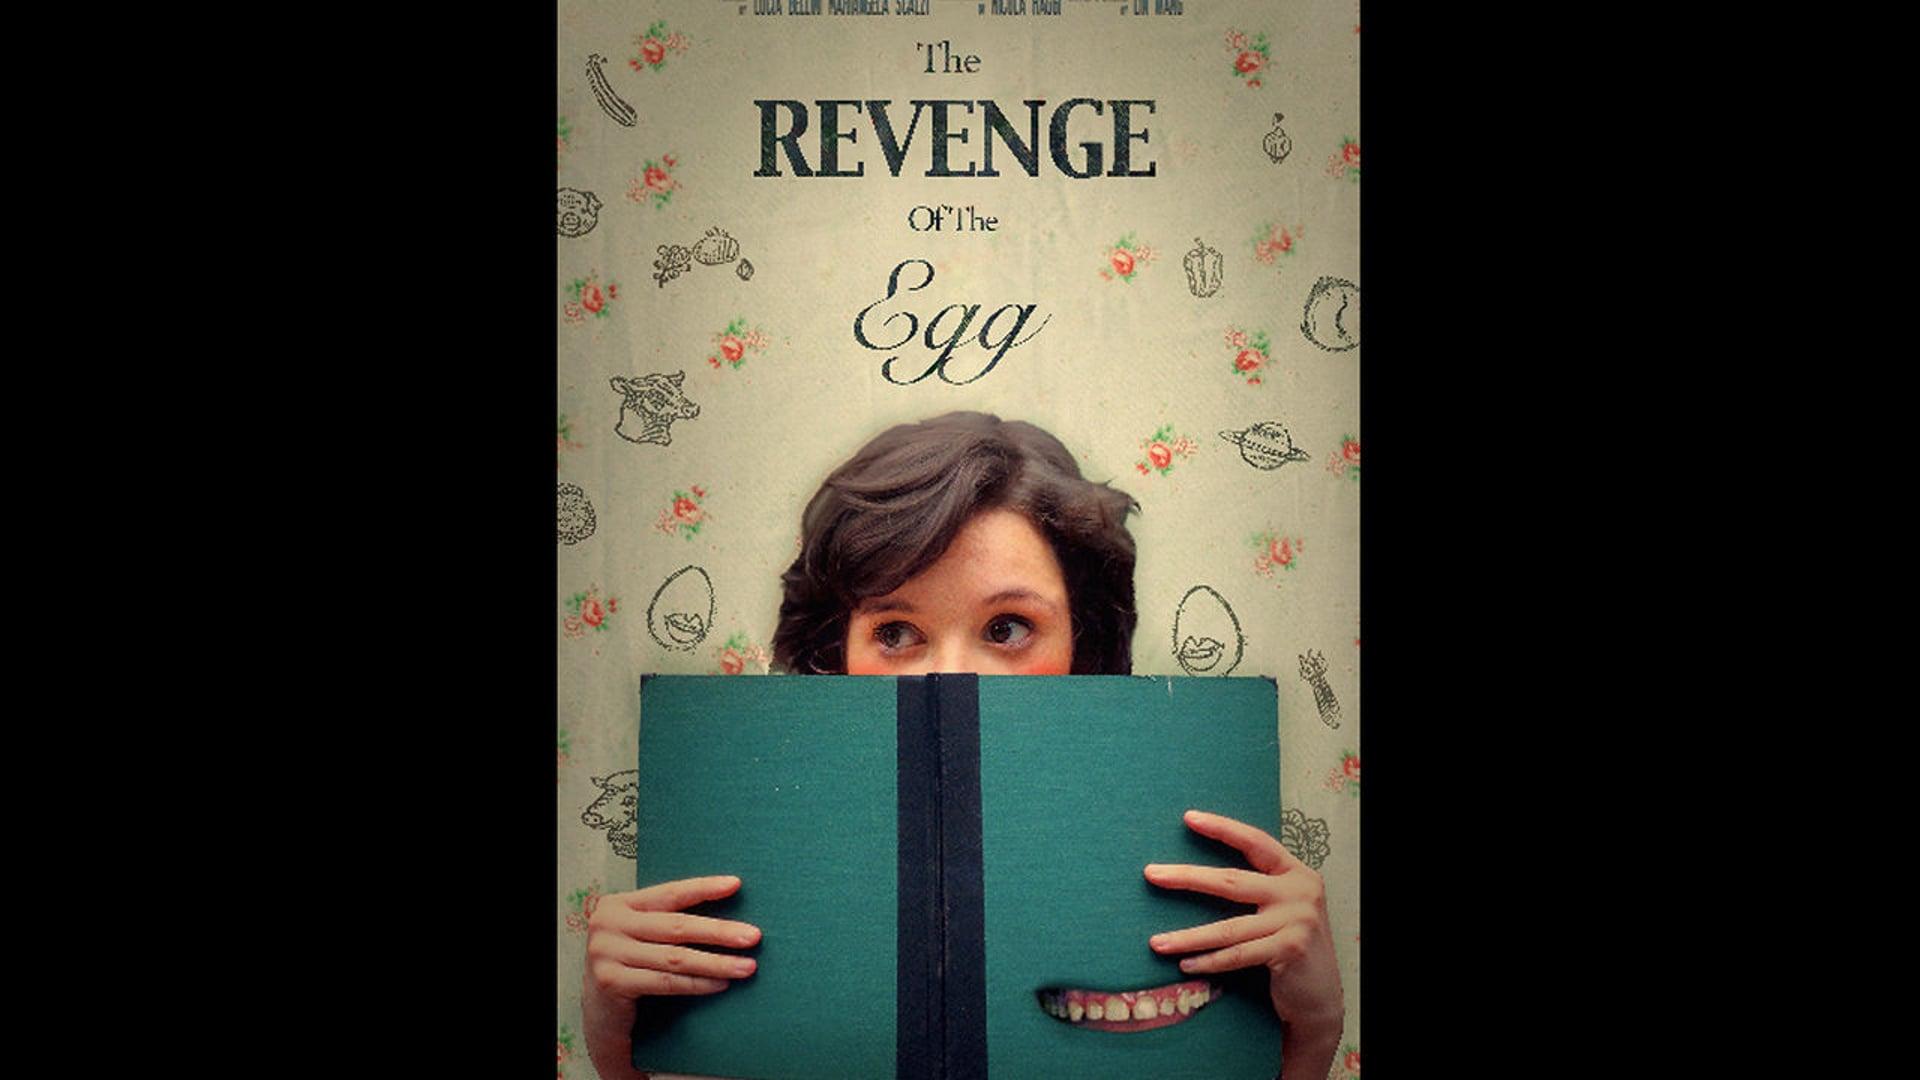 The Revenge of the Egg